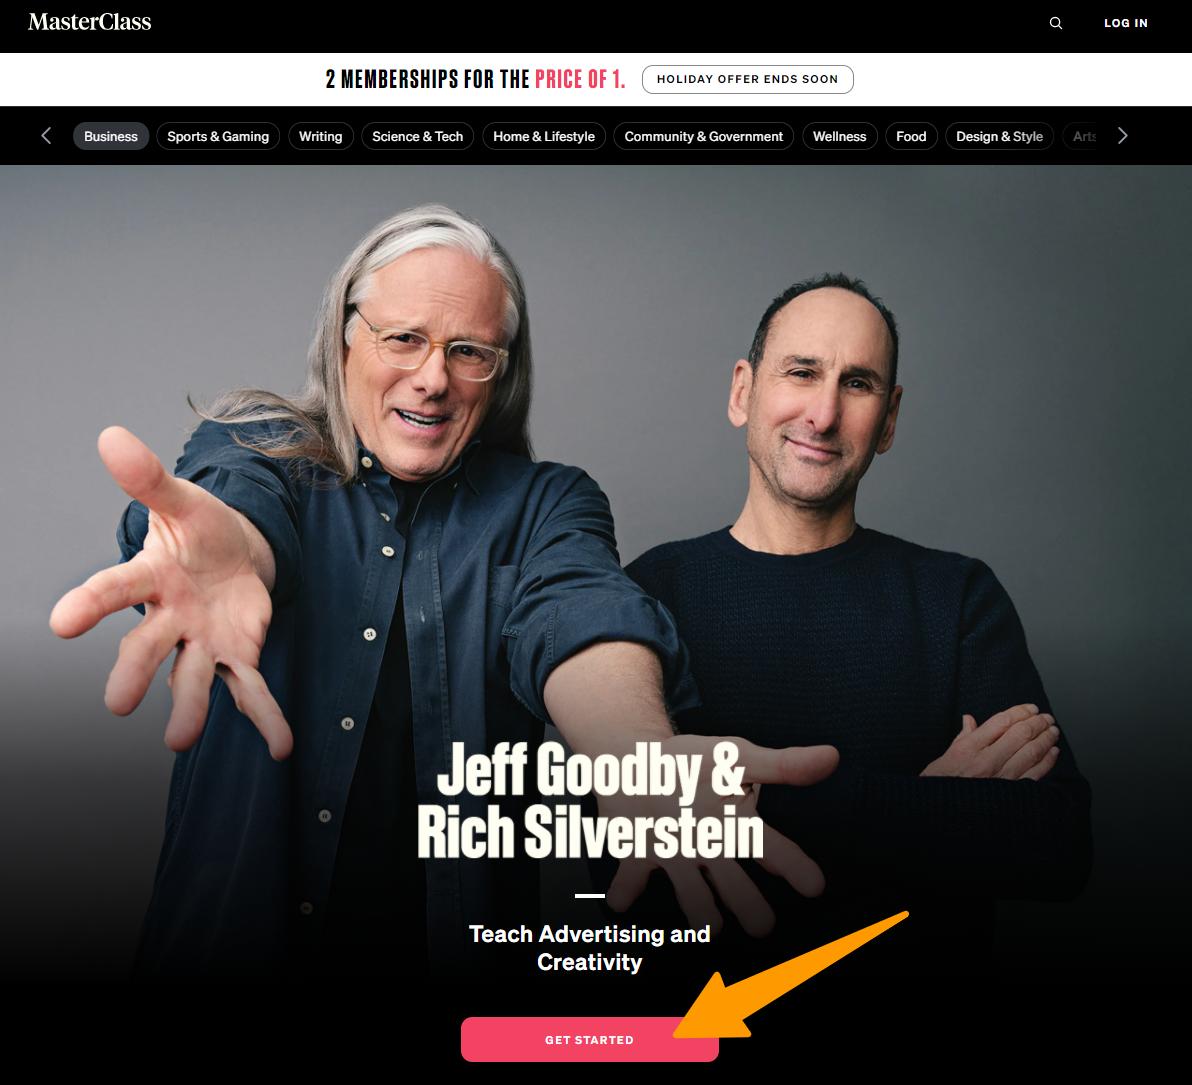 MasterClass-Jeff-Goodby-Rich-Silverstein